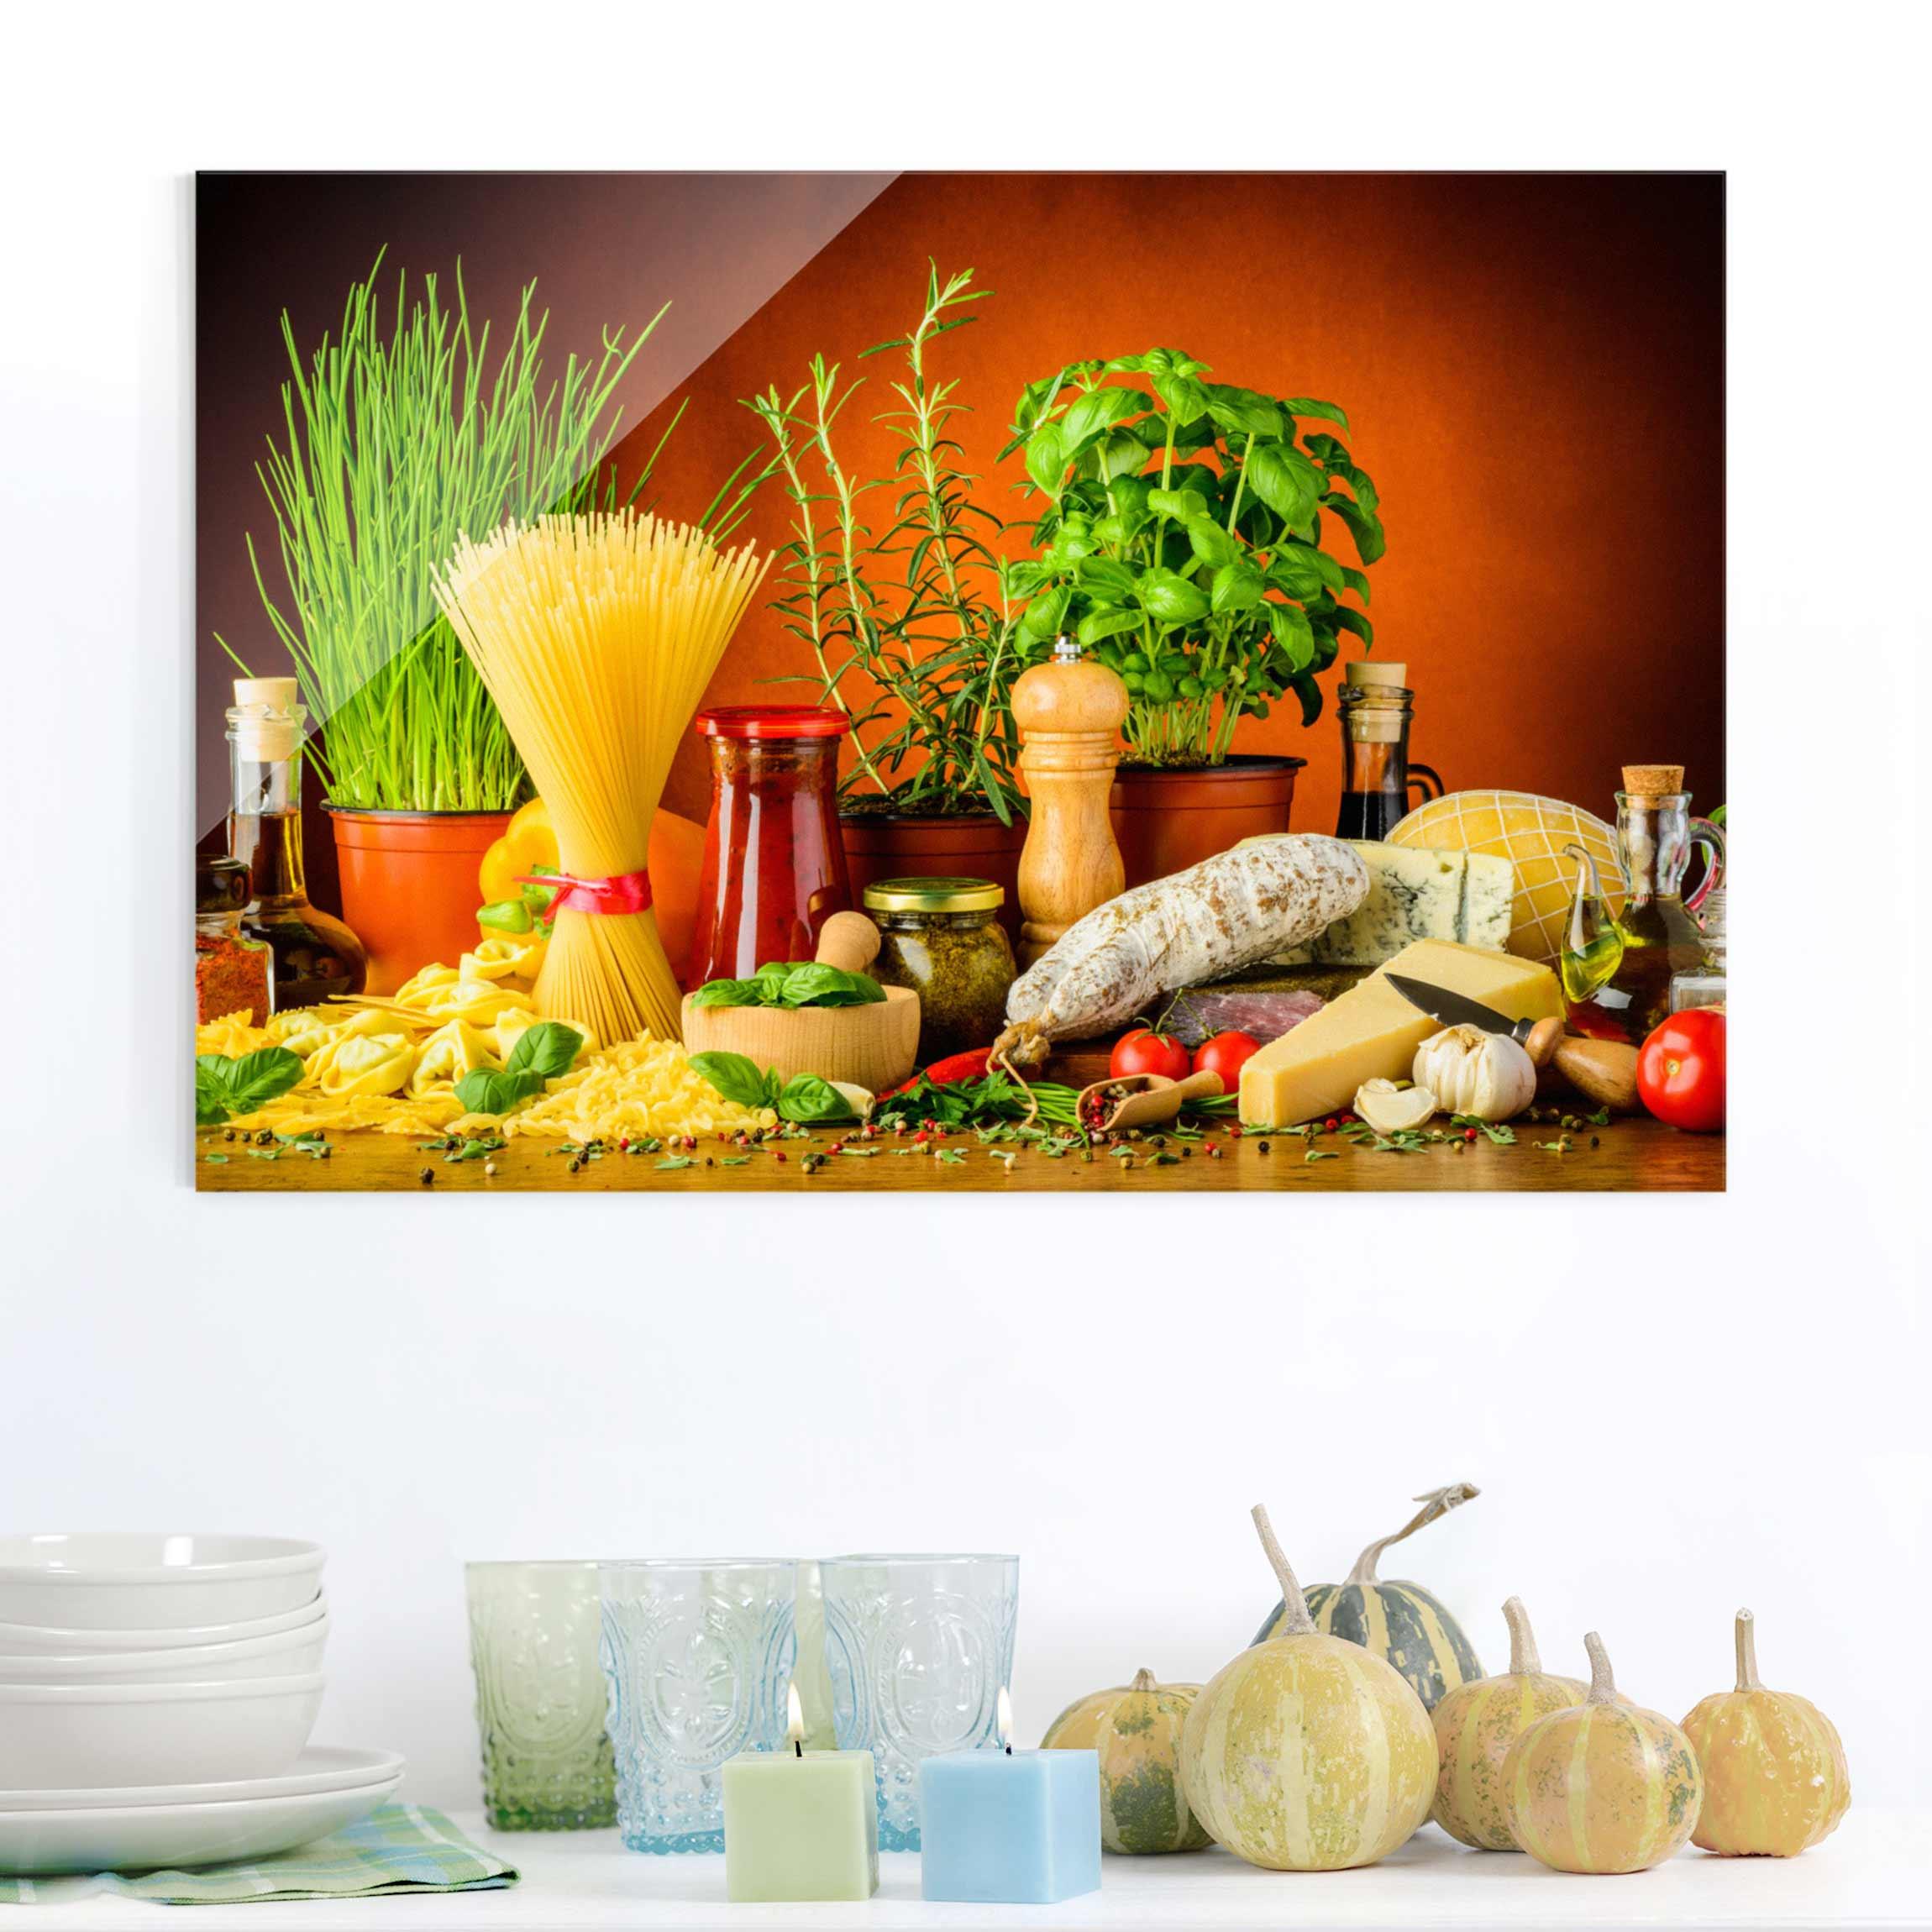 Full Size of Glasbild Küche 80 X 40 Glasbilder Küche Glasbild Küche Apfel Wand Glasbilder Für Küche Küche Glasbilder Küche